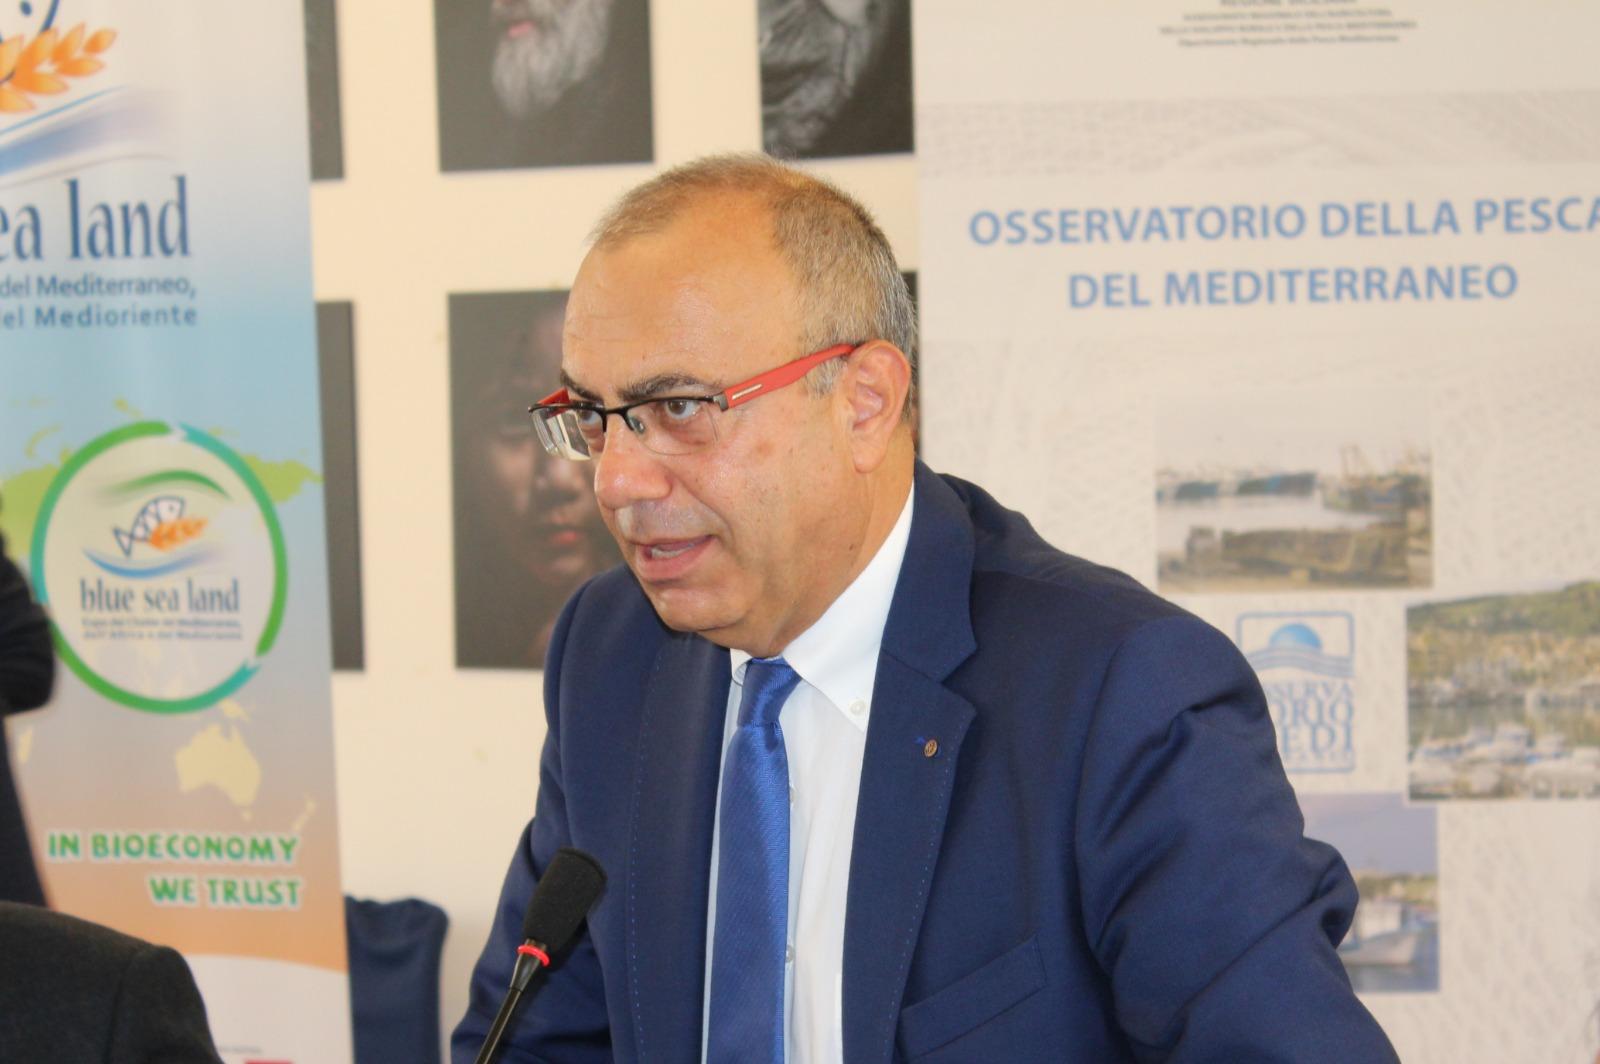 Appelloaipescatorisiciliani: evitare l'attività dipescaall'interno della ZEE della Libia